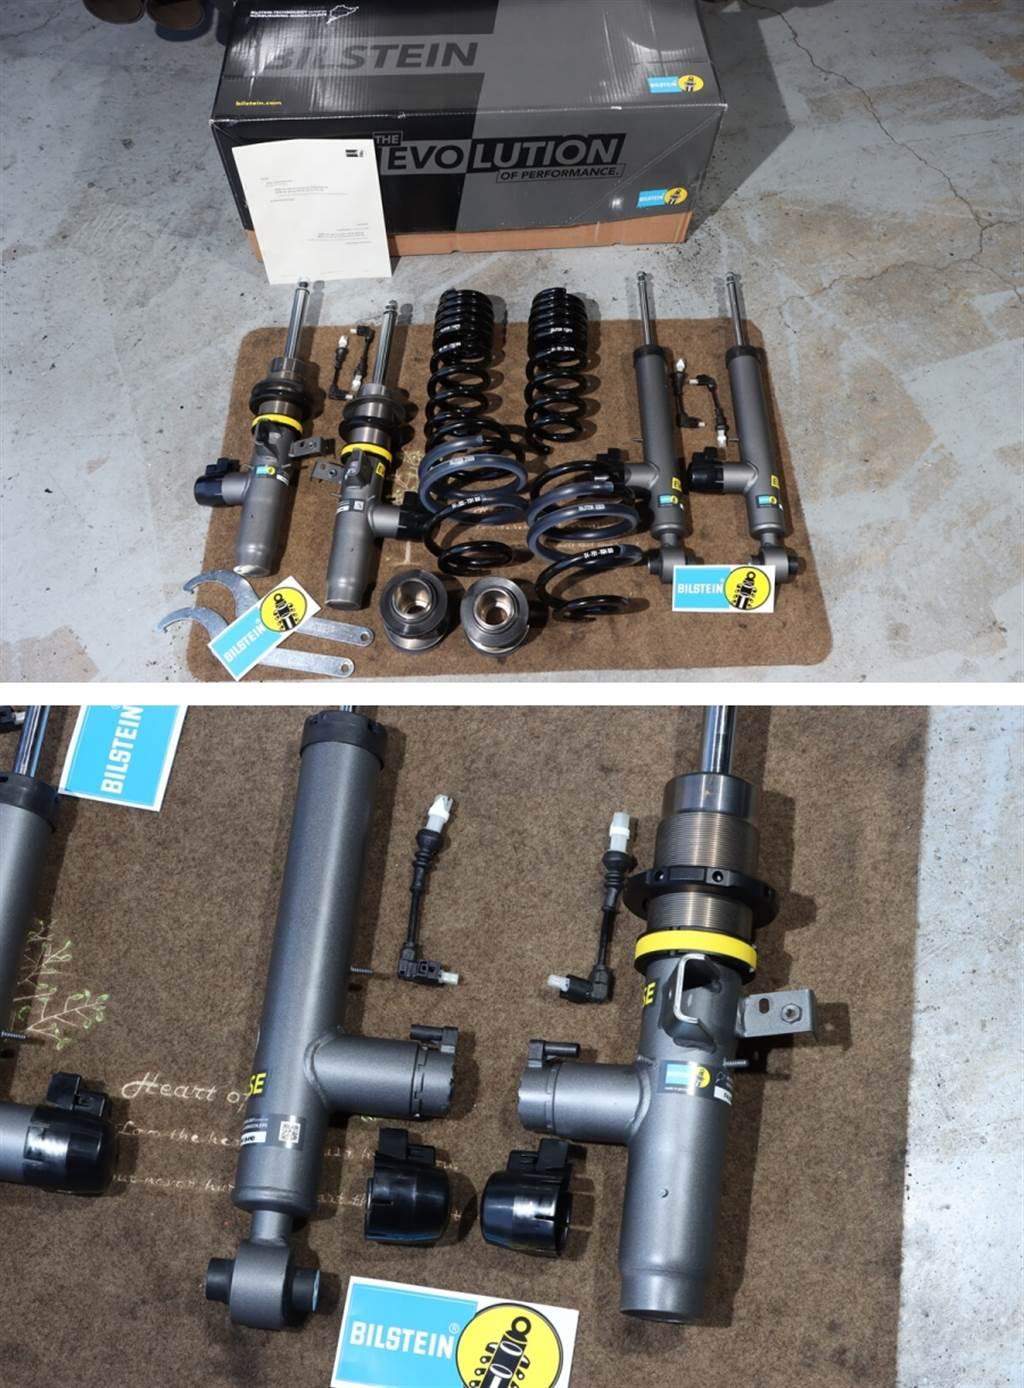 最新發表的BILSTEIN EVO SE避震器,是專為搭載電子阻尼懸吊系統的車款所開發,因此可以看到減震筒身下方有個凸起的圓筒,裡面設有調整阻尼用的電子閥門,而整體通過德國TUV認證的品質,值得信賴。